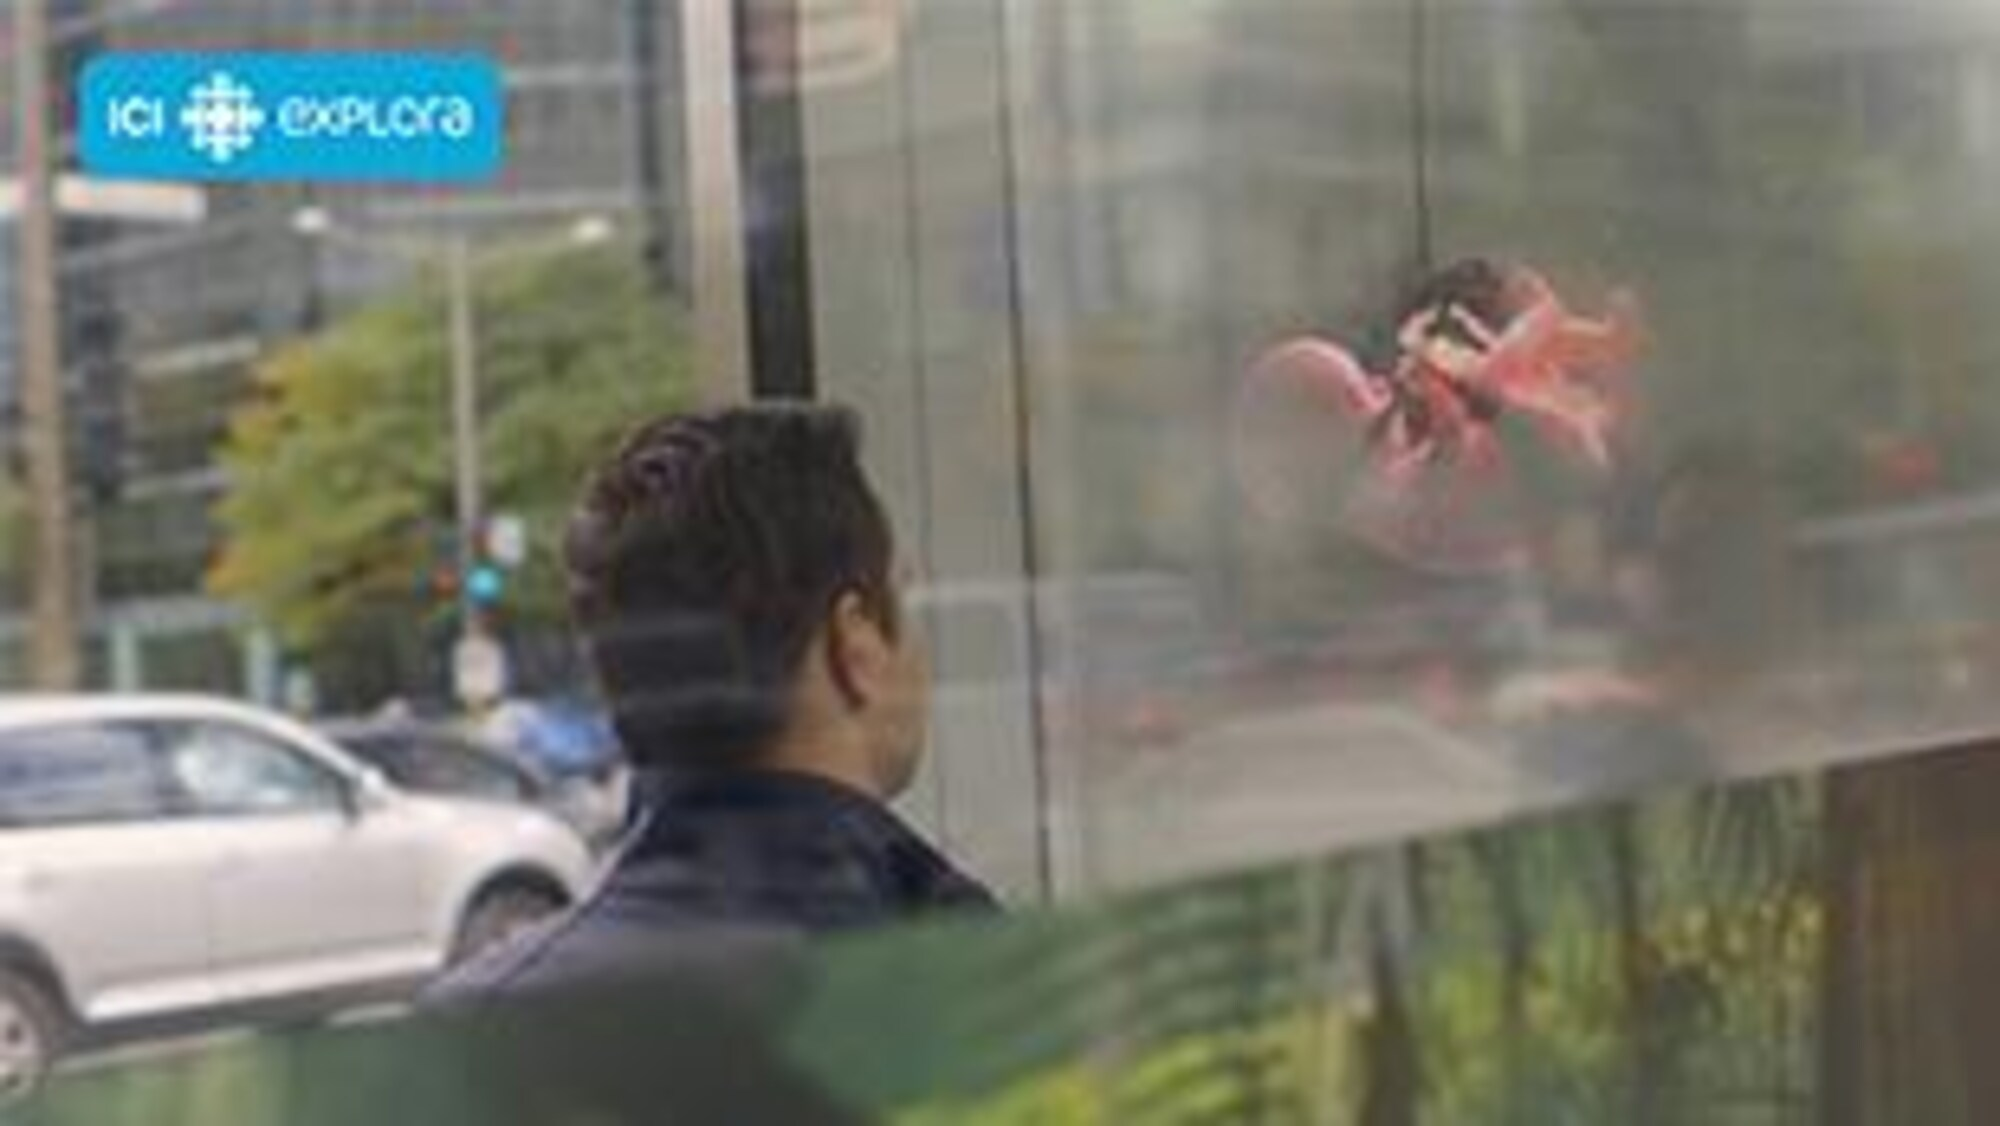 L'animateur de l'émission <i>Planète techno</i> regarde la technologie diffusée dans l'abribus du centre-ville.